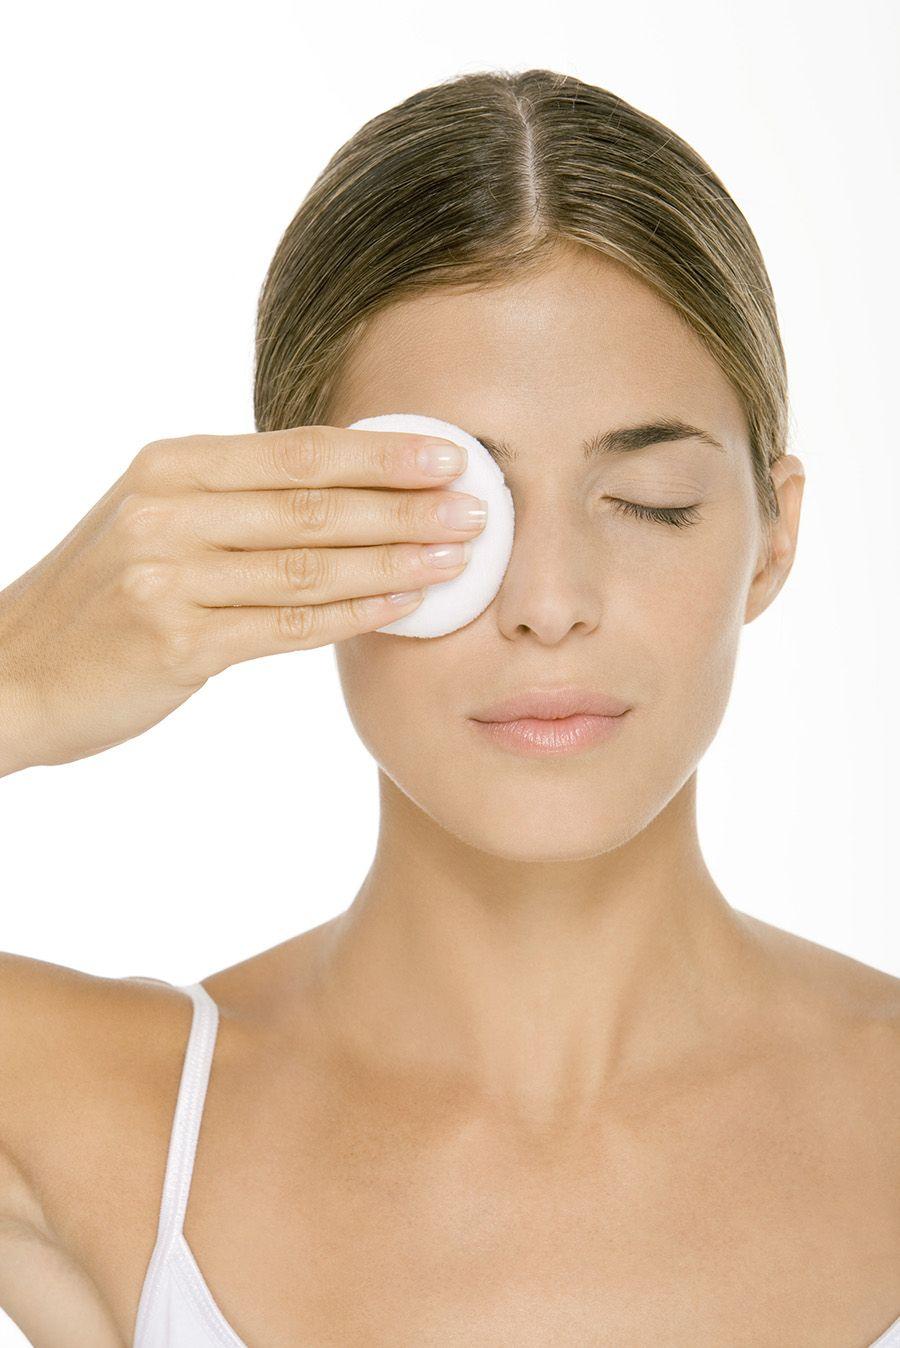 Maquillaje nude o cómo lograr una piel perfecta con